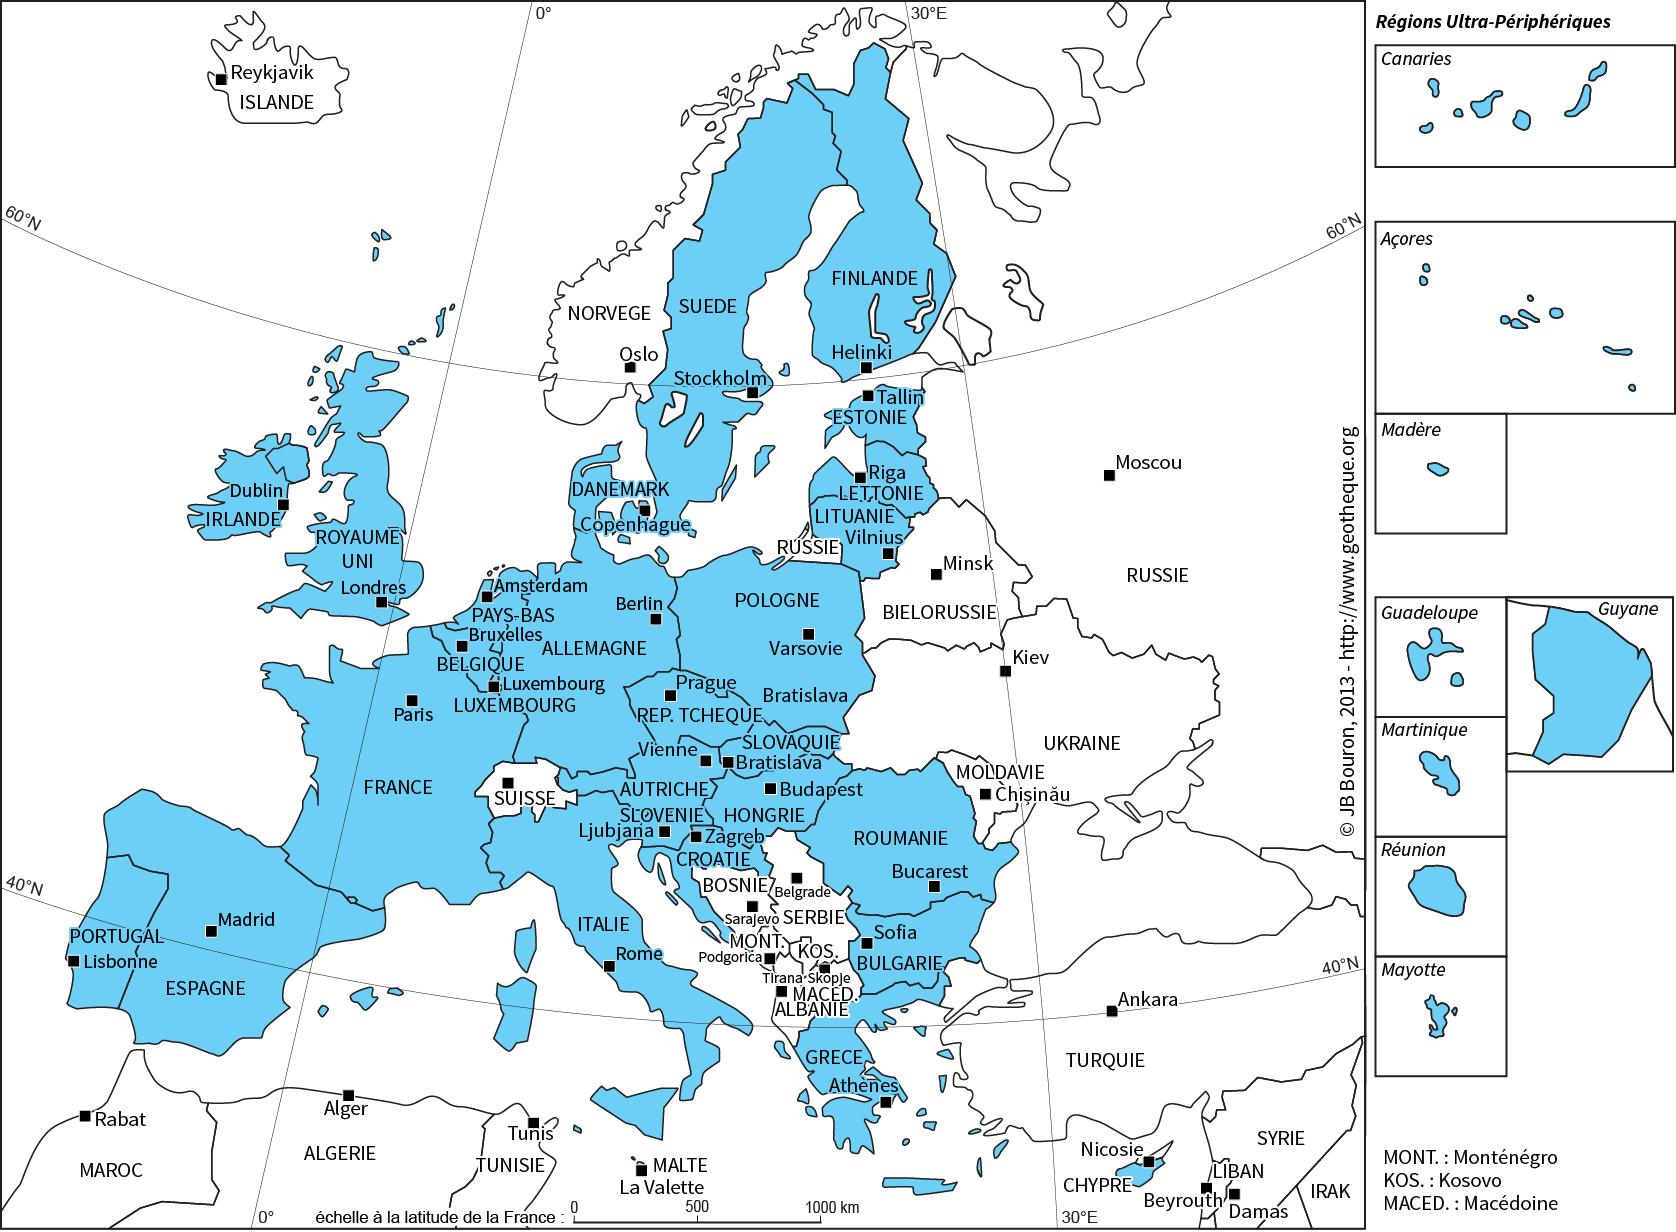 Les Pays De L'union Avec Leur Capitale avec Pays D Europe Et Capitales